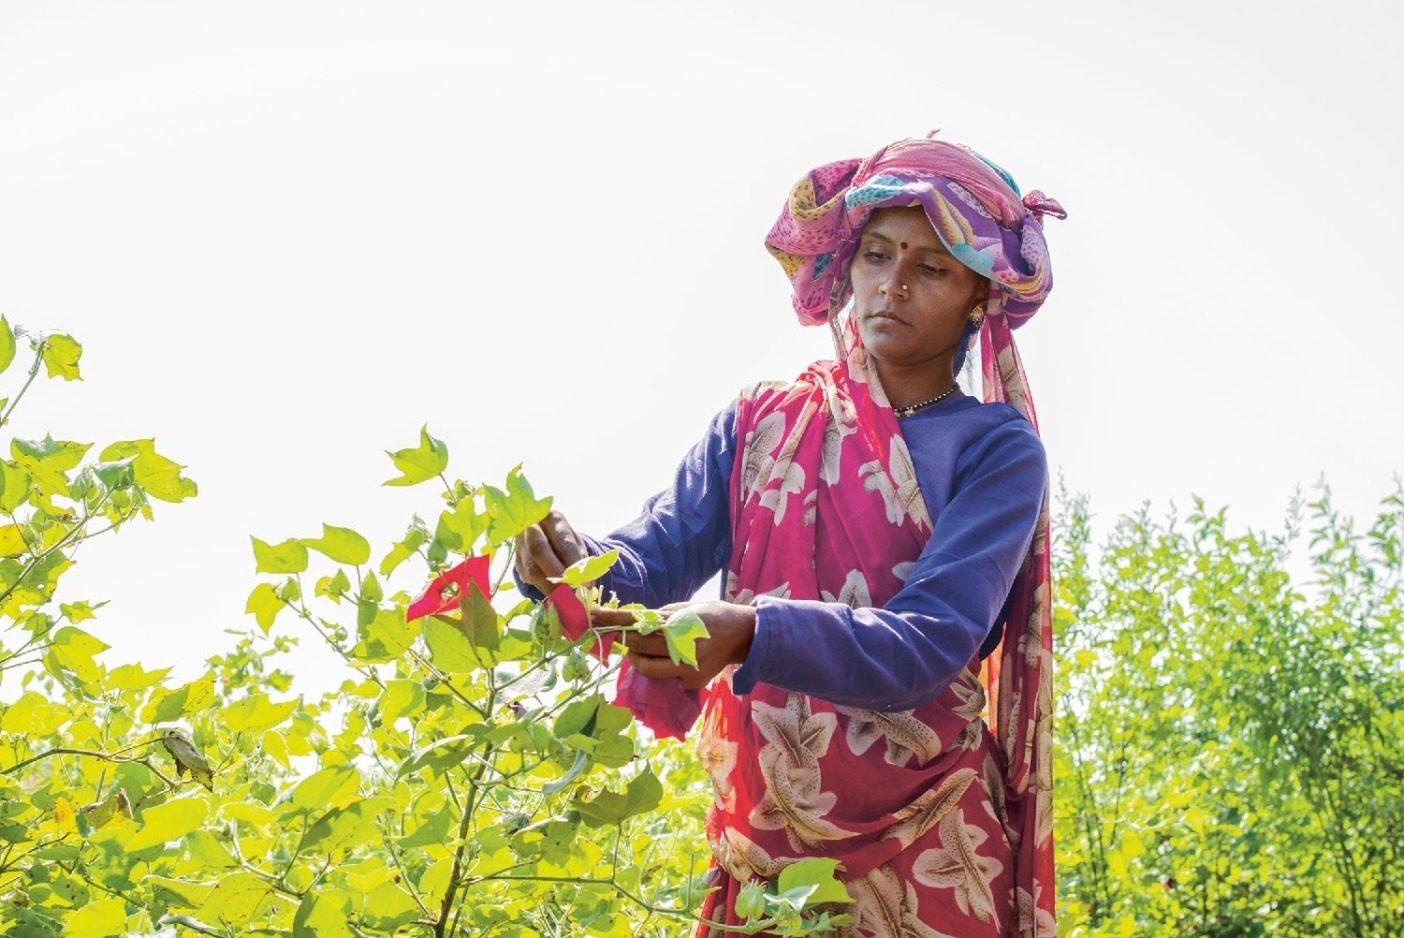 インド、カイラッシュ・パティダールのオーガニックコットン農場の労働者。パタゴニアのパートナーであるインドの農家の多くは、激しい豪雨とそれにつづく長い乾季という異常気象の変化に気づいている。収穫量が影響を受けると農家の収入も減る。Photo:Tim Davis